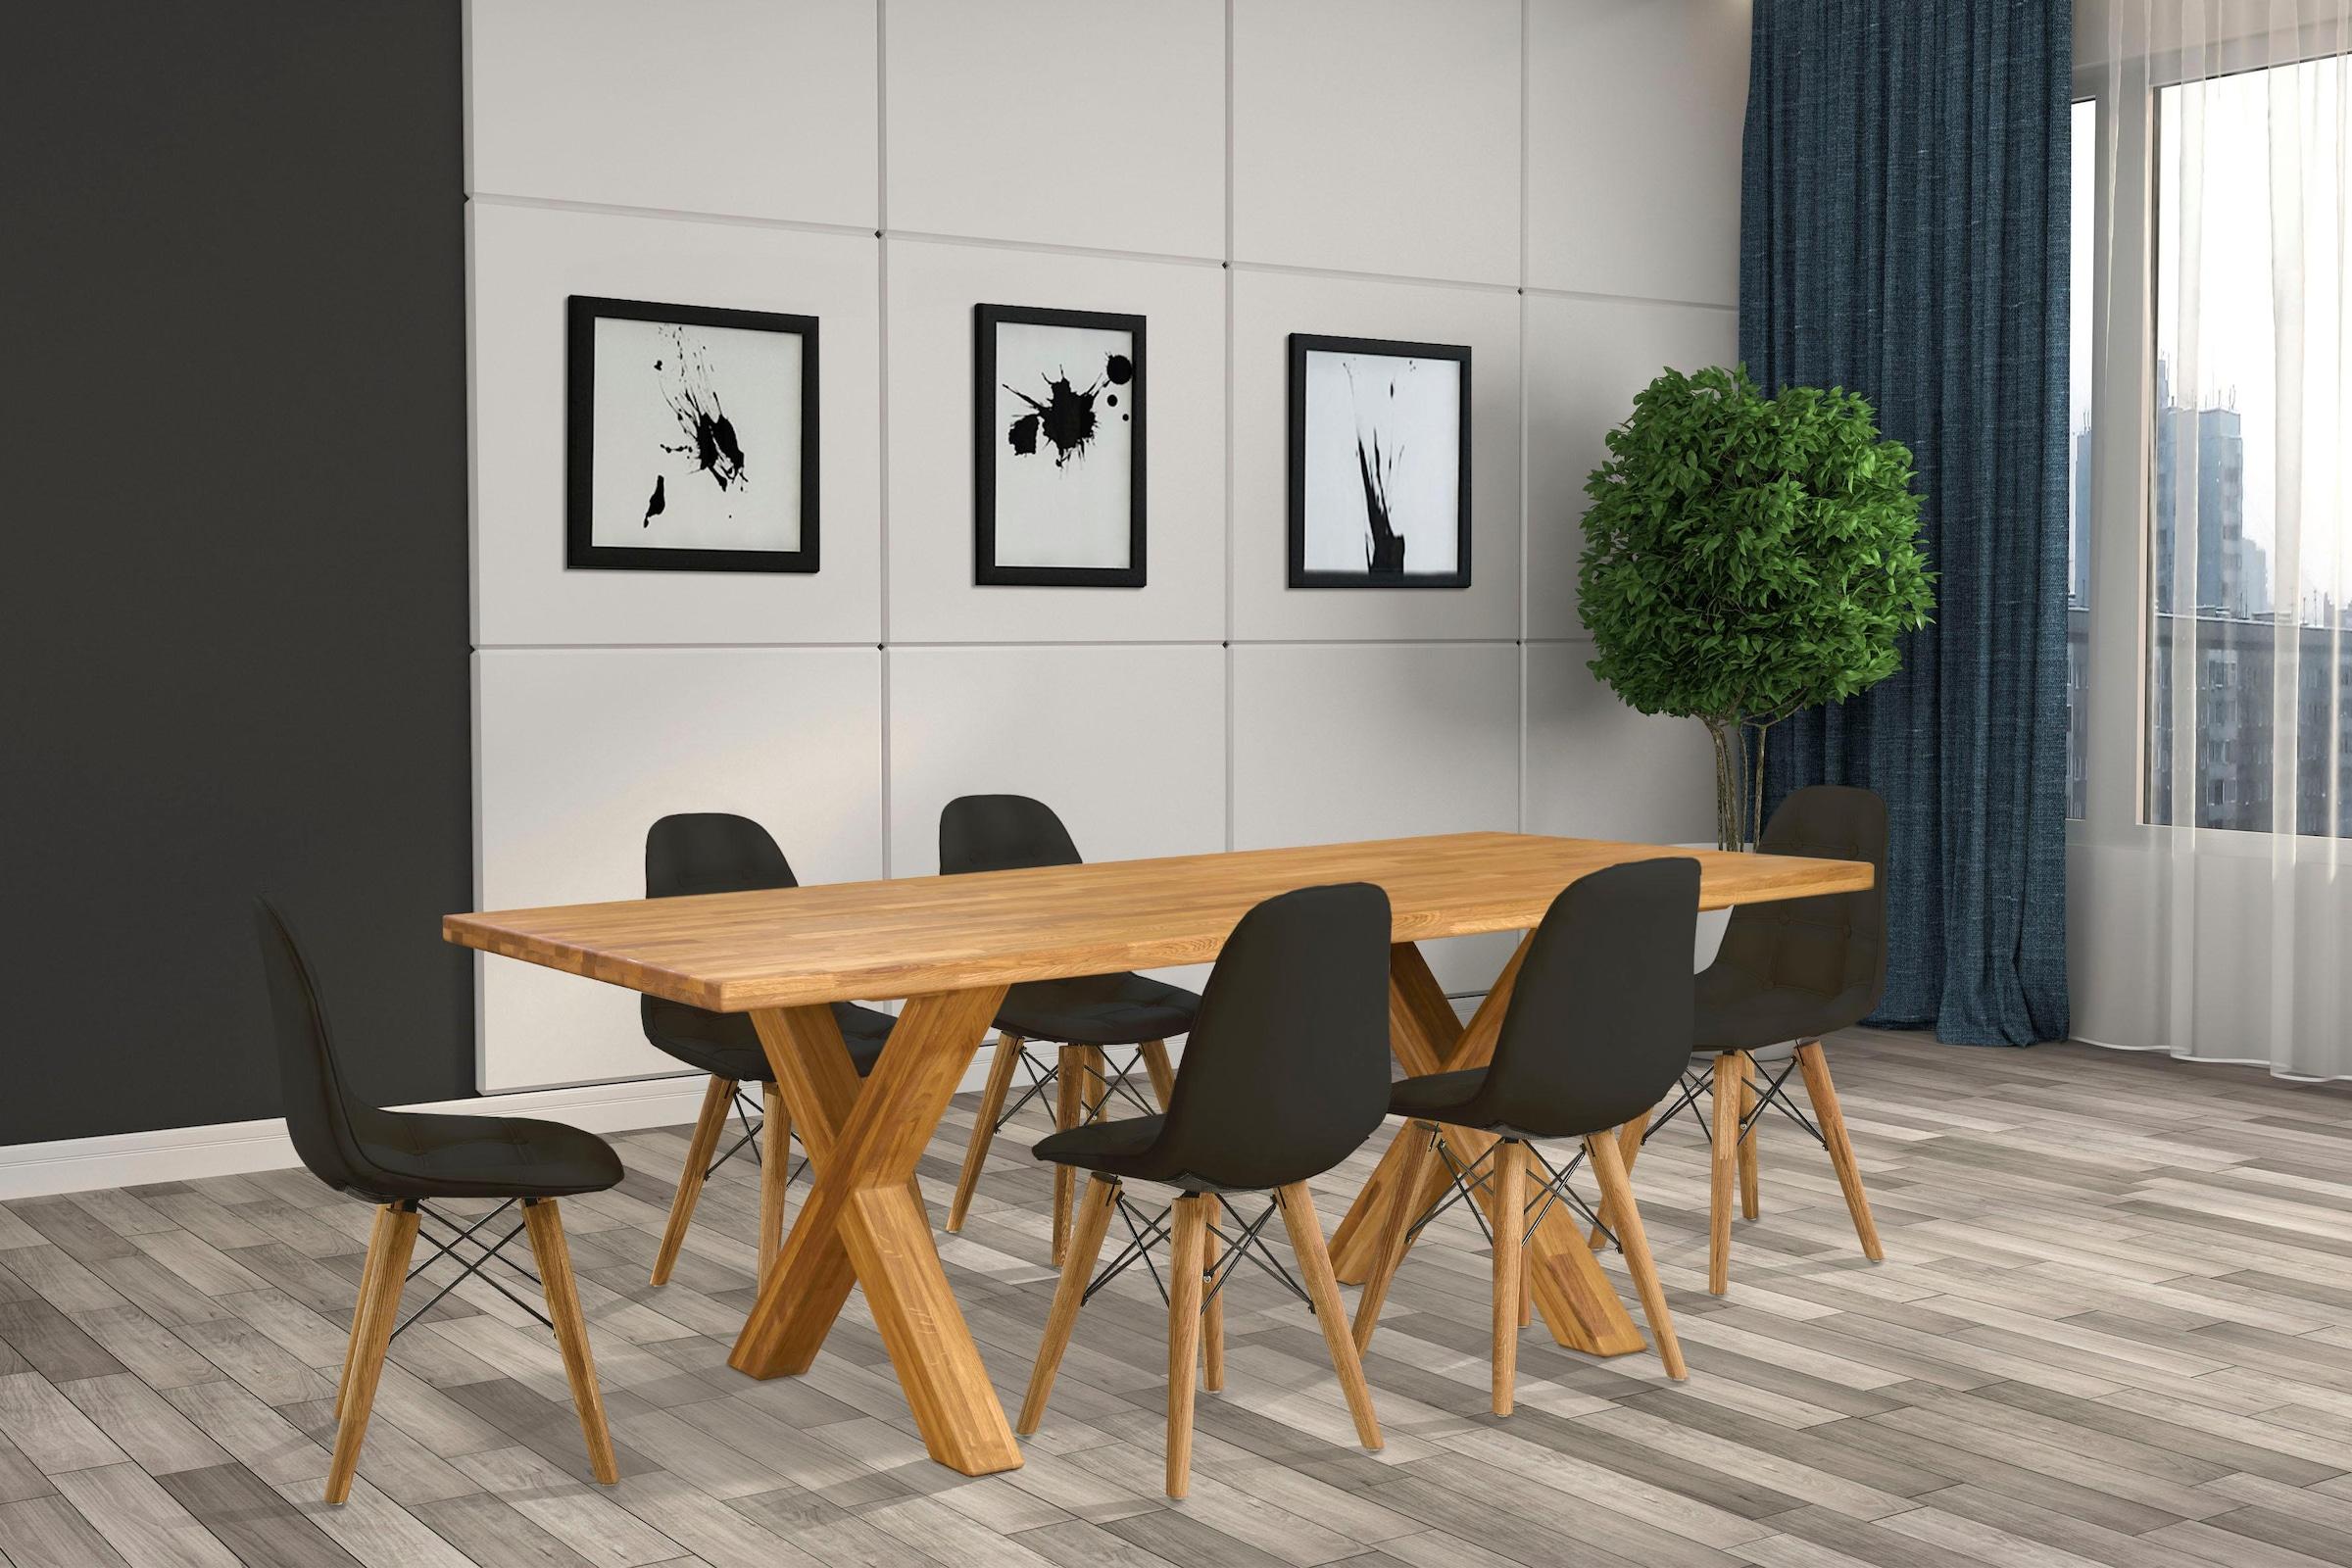 Esszimmer Steinoptik Grau 17 Tisch Tischgruppe Möbel Marten BordCxeW